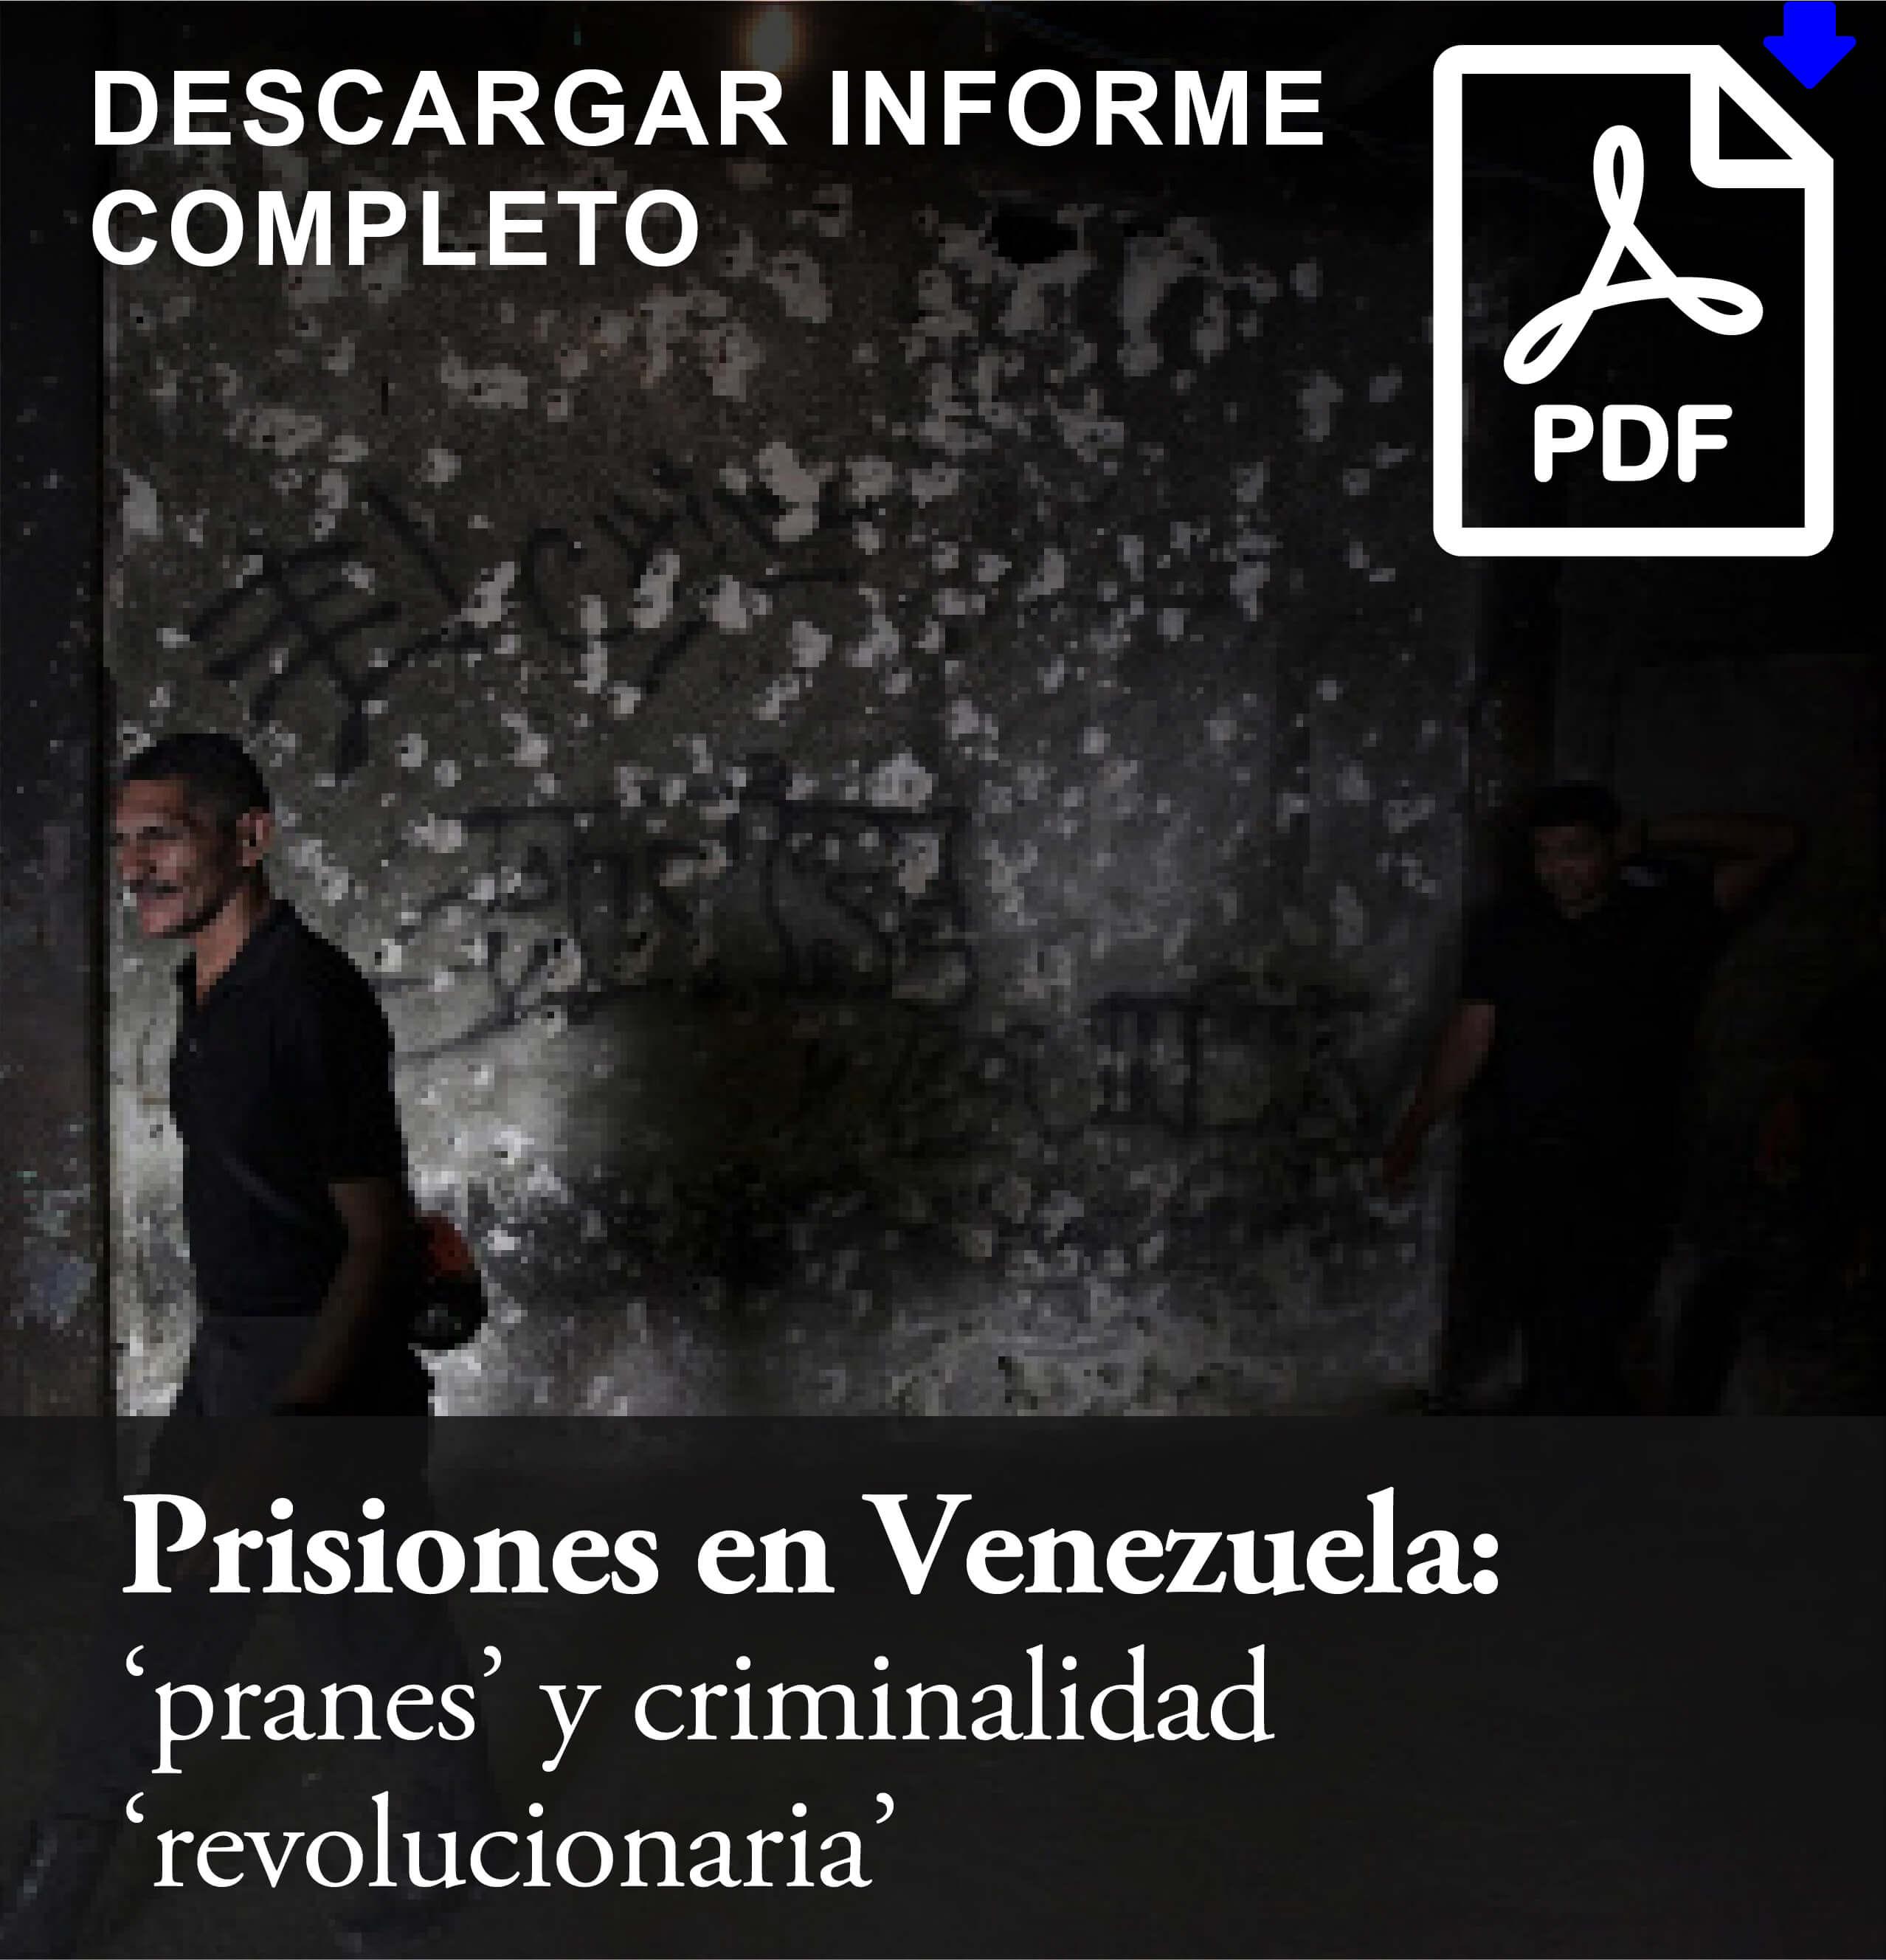 Prisiones en Venezuela pranes y criminalidad revolucionaria 01